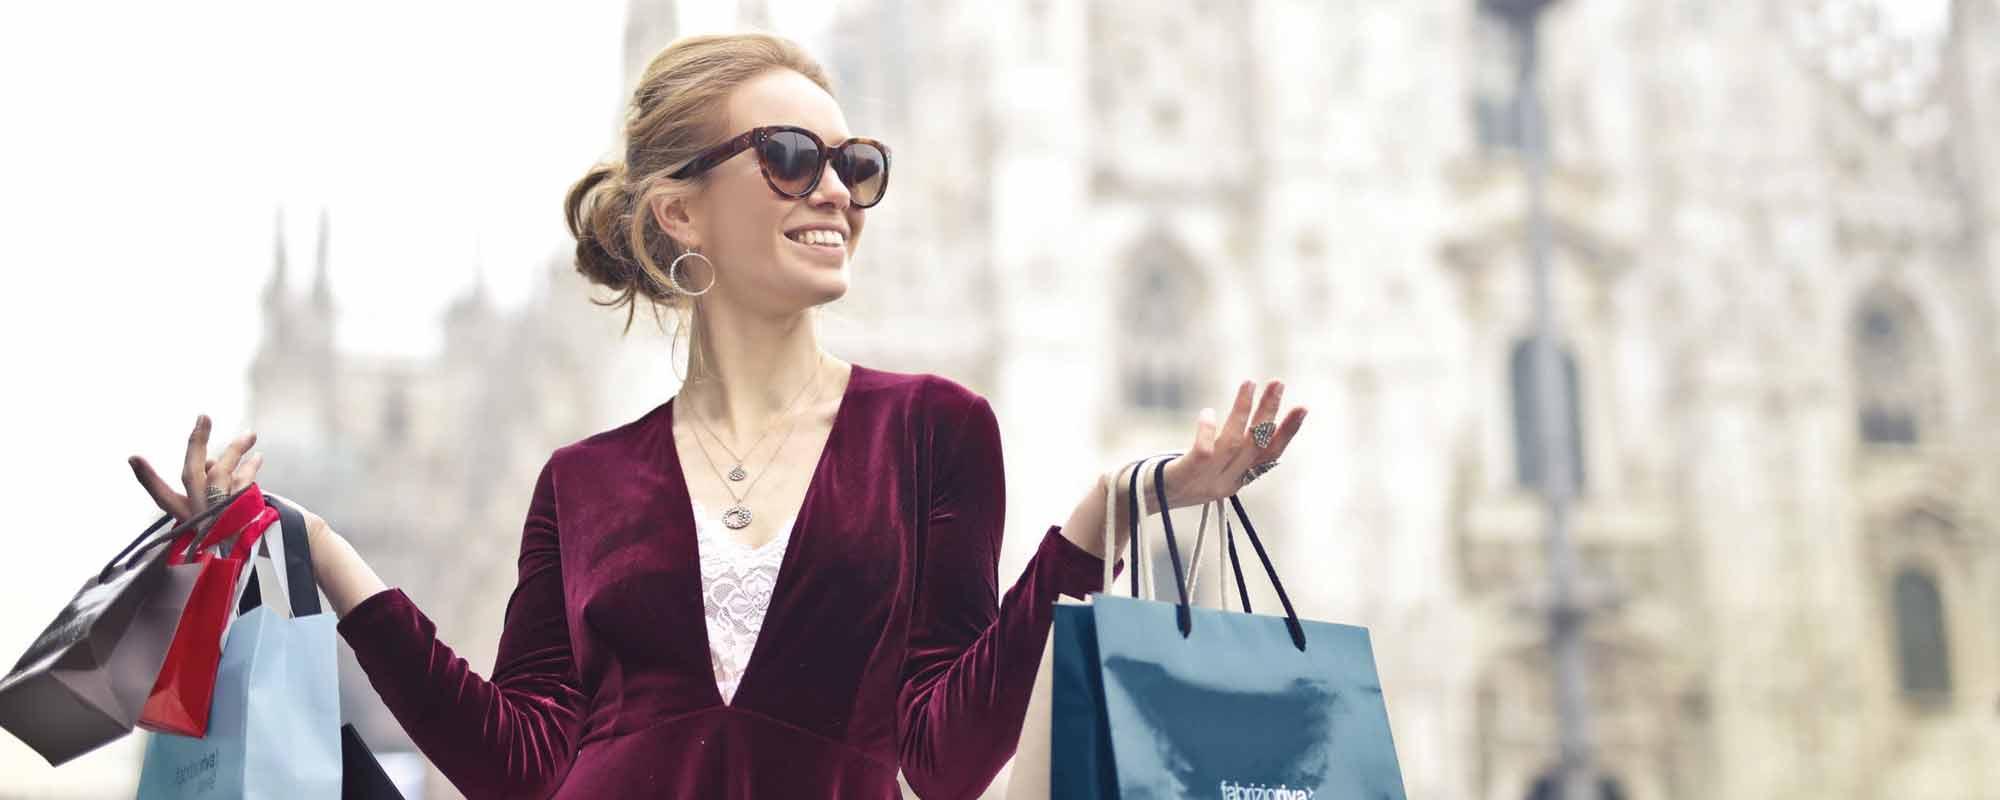 De beste Black Friday Nederland 2018 aanbiedingen en winkels op één site. Black Friday 2018 aanbiedingen, winkels en producten